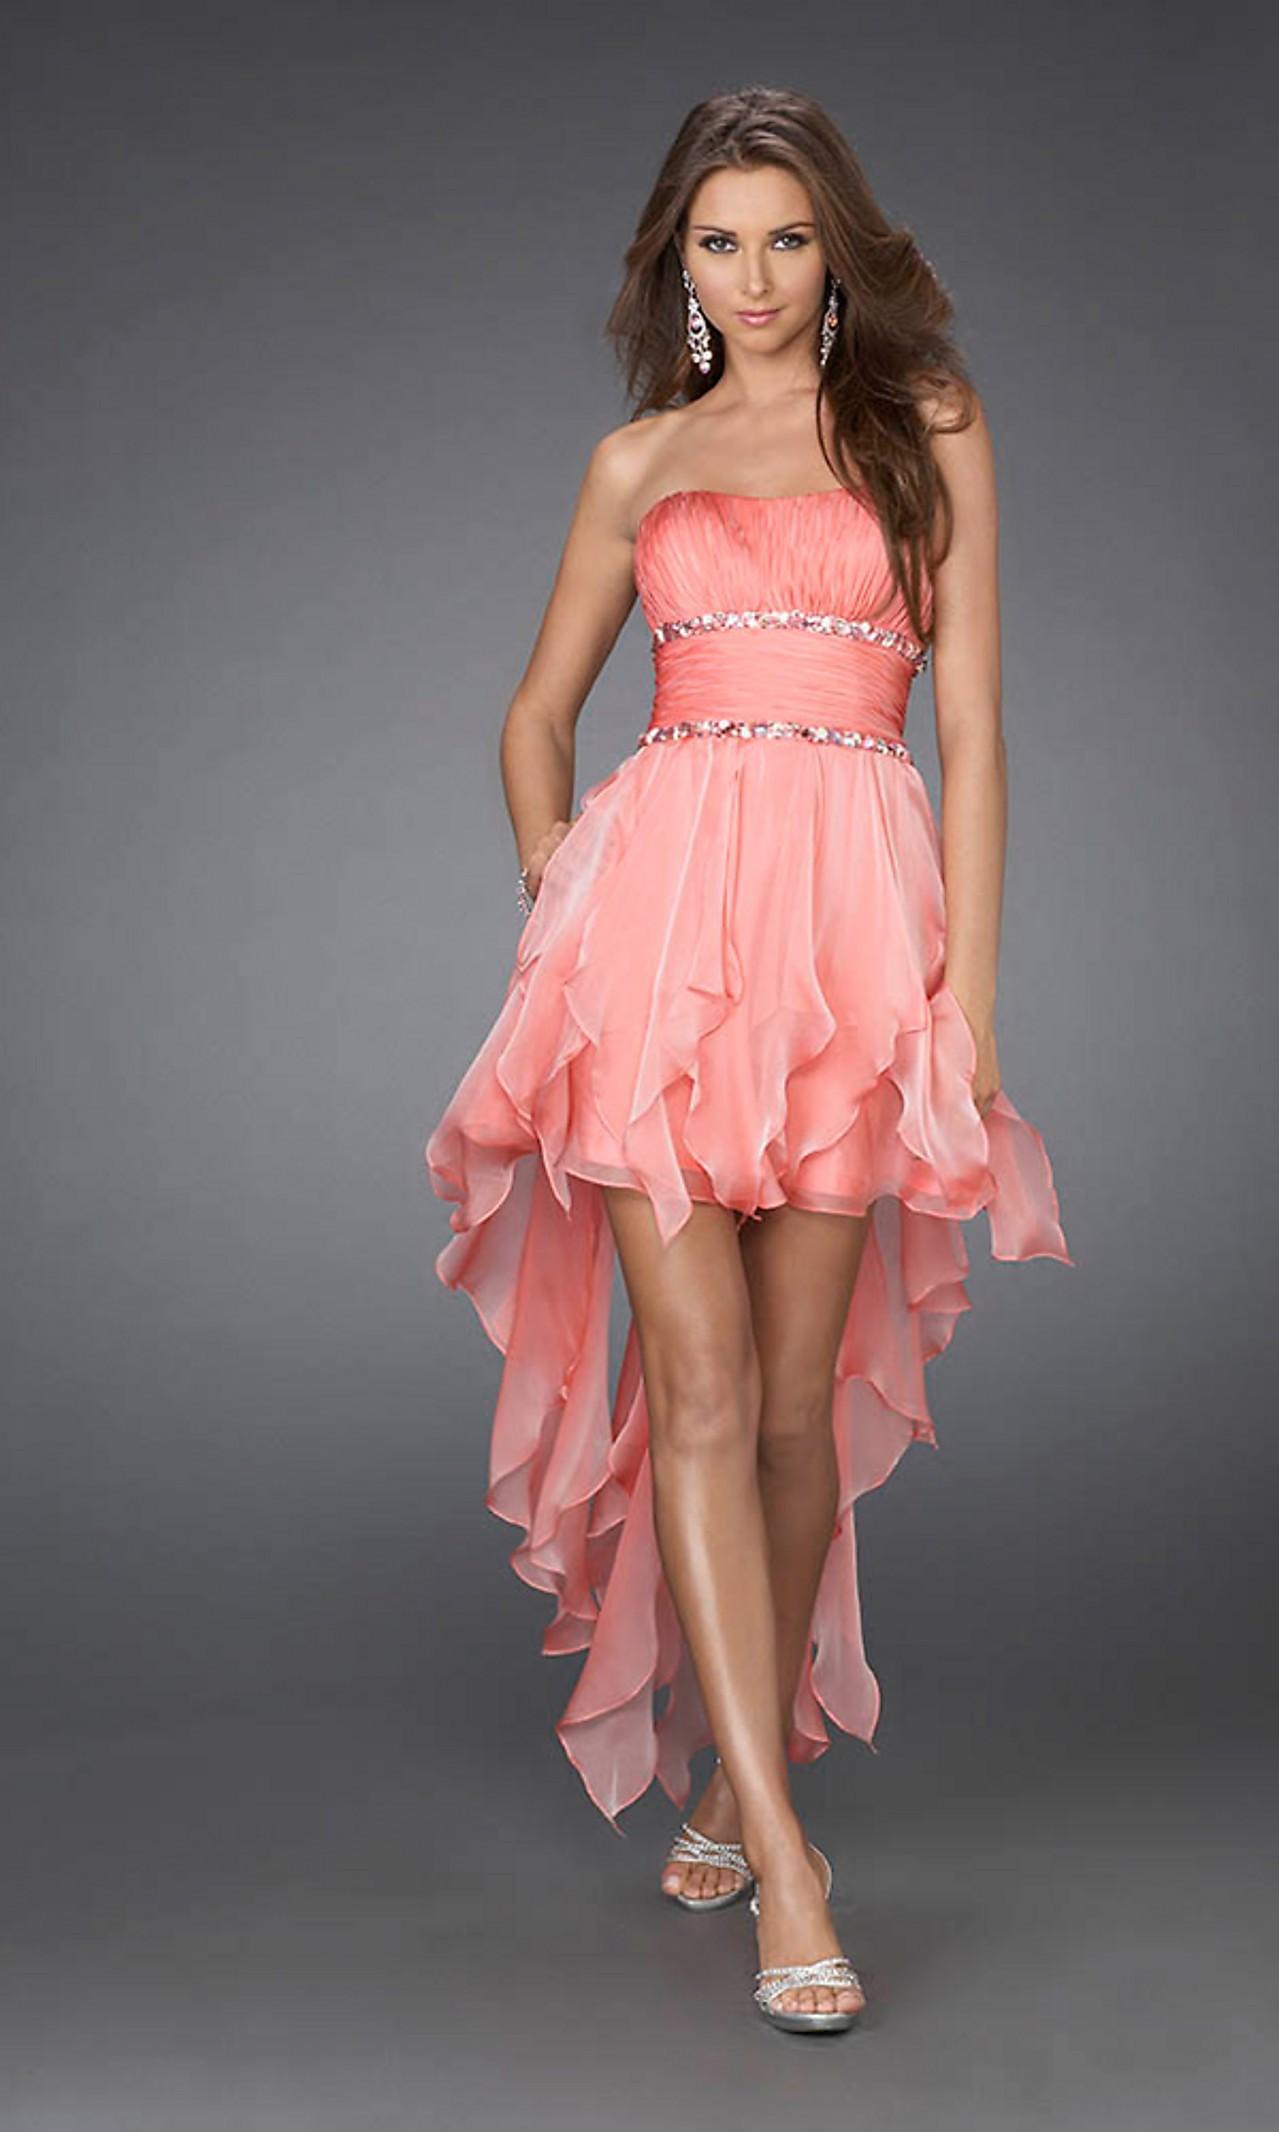 Dlouhé společenské šaty k prodeji - Hollywood Style E-Shop - plesové ... e8cda6f677